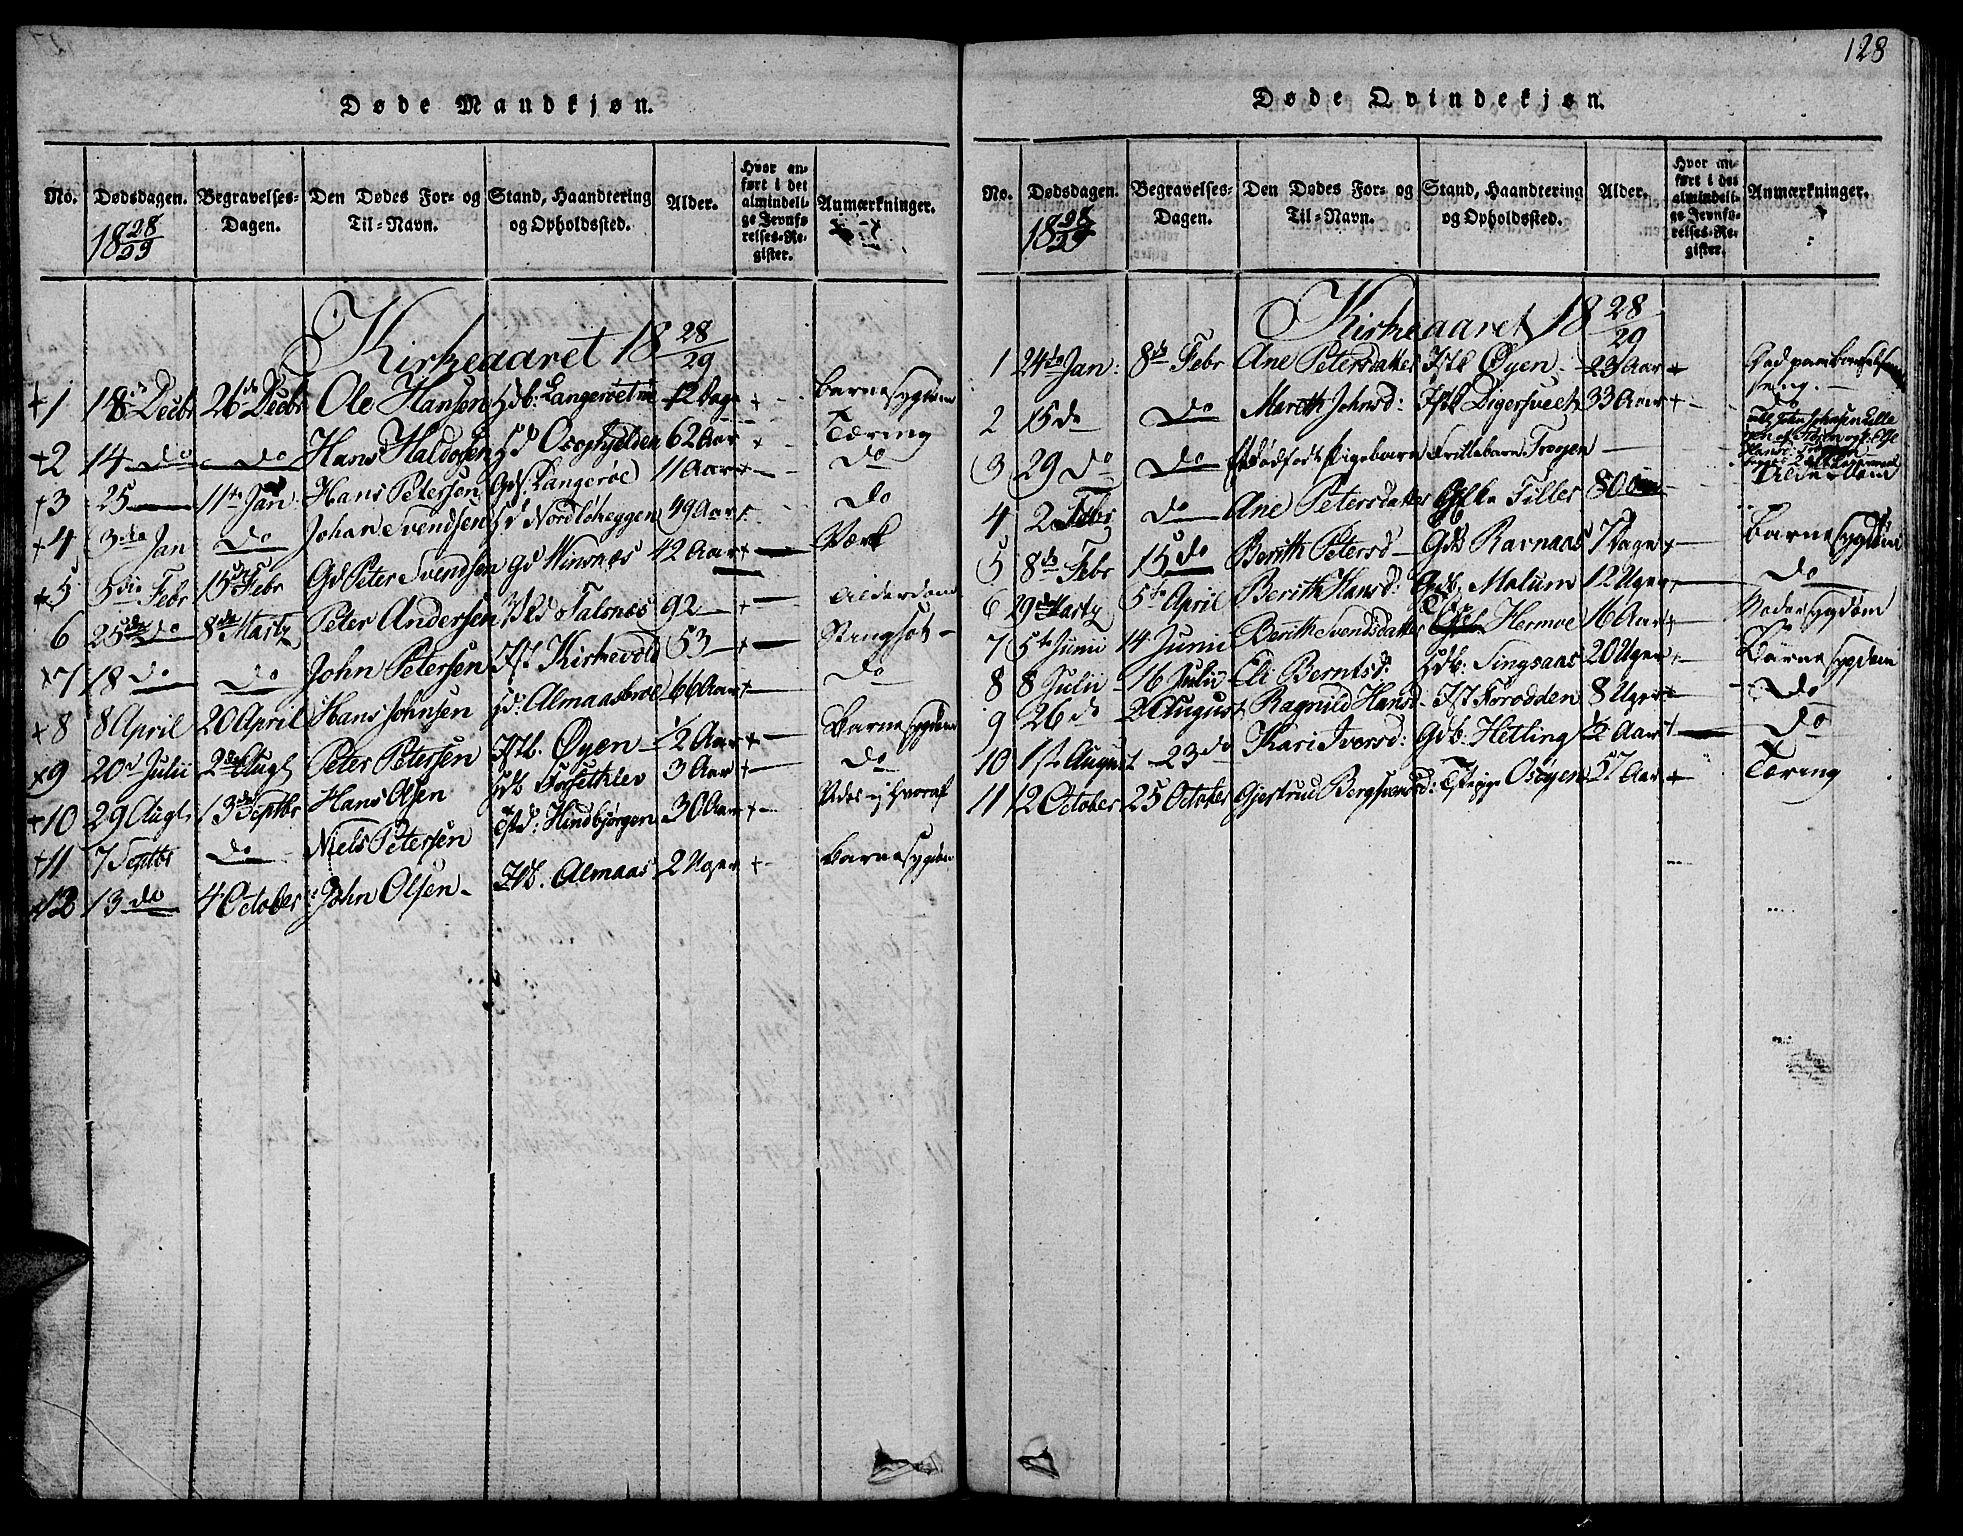 SAT, Ministerialprotokoller, klokkerbøker og fødselsregistre - Sør-Trøndelag, 685/L0955: Ministerialbok nr. 685A03 /2, 1817-1829, s. 128